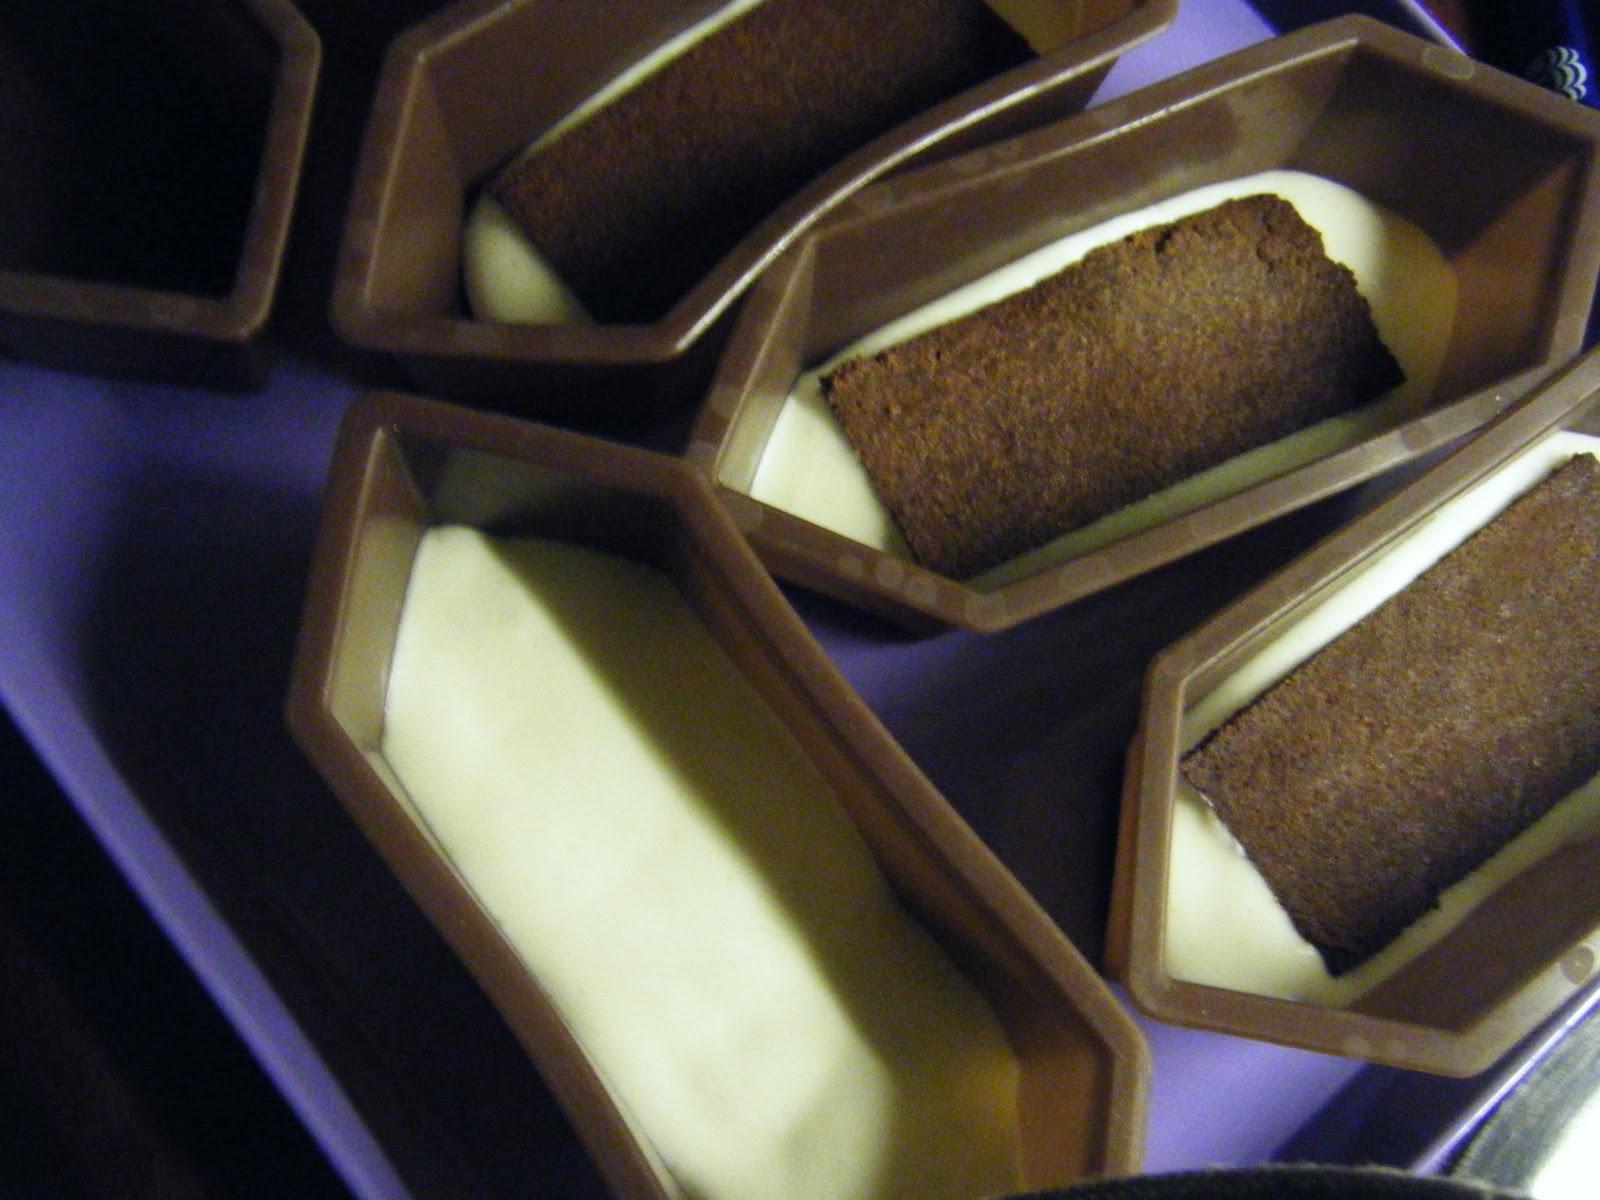 temperering af chokolade i mikroovn